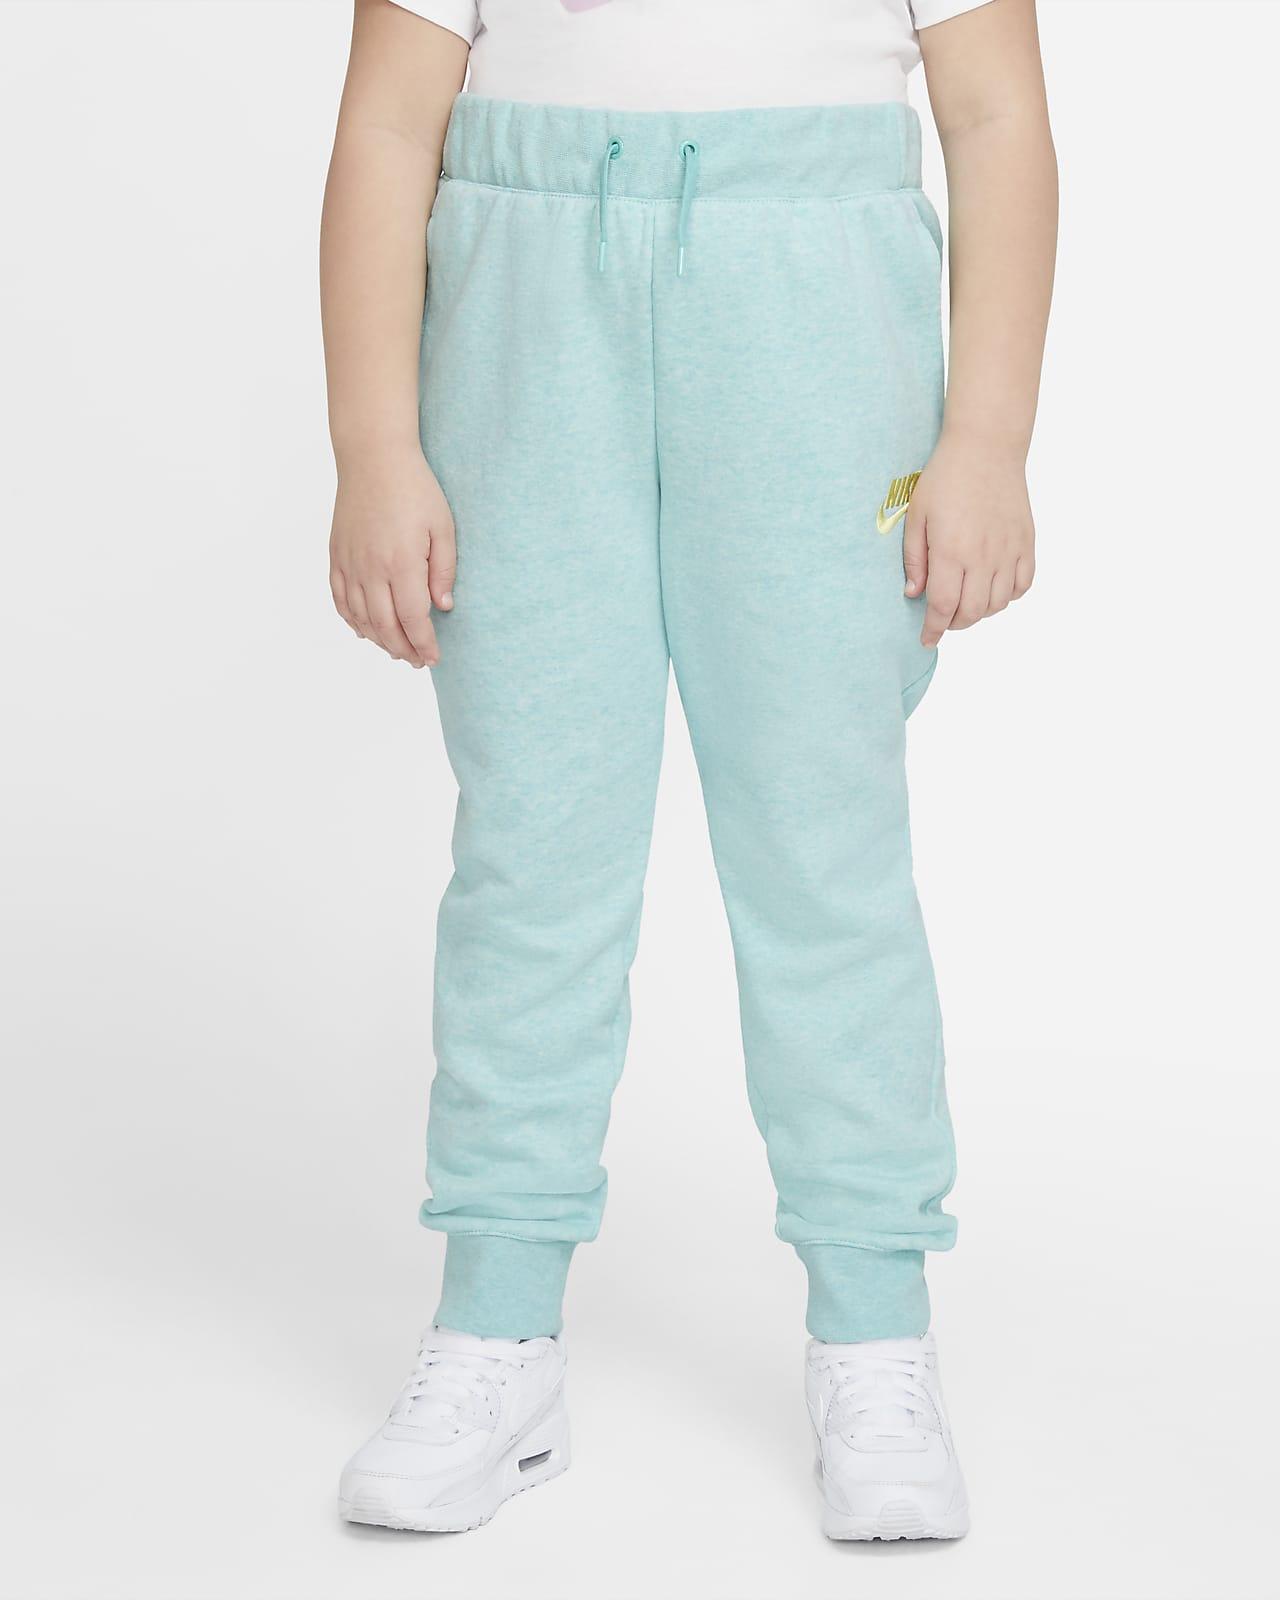 Nike Sportswear Big Kids' (Girls') Pants (Extended Size)